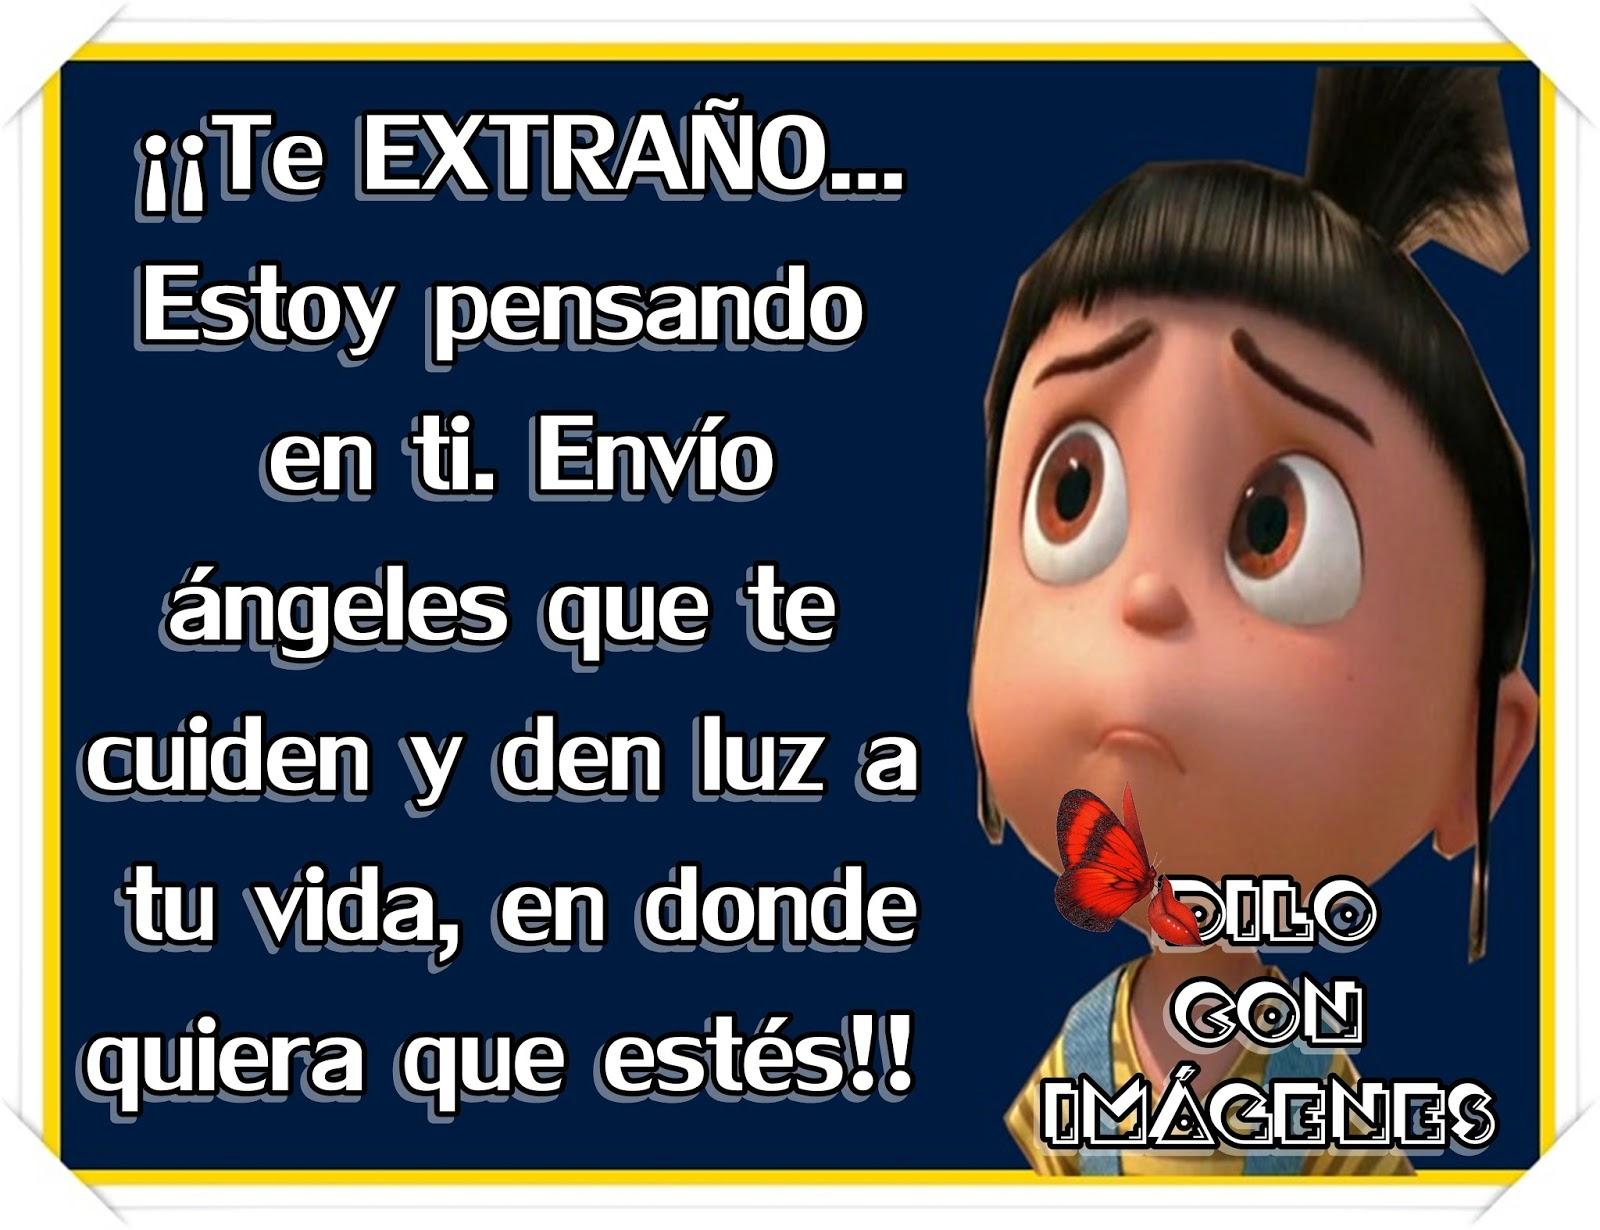 Te Extraño mucho!! ~ ♥ ♥DILO CON IMÁGENES♥ ♥